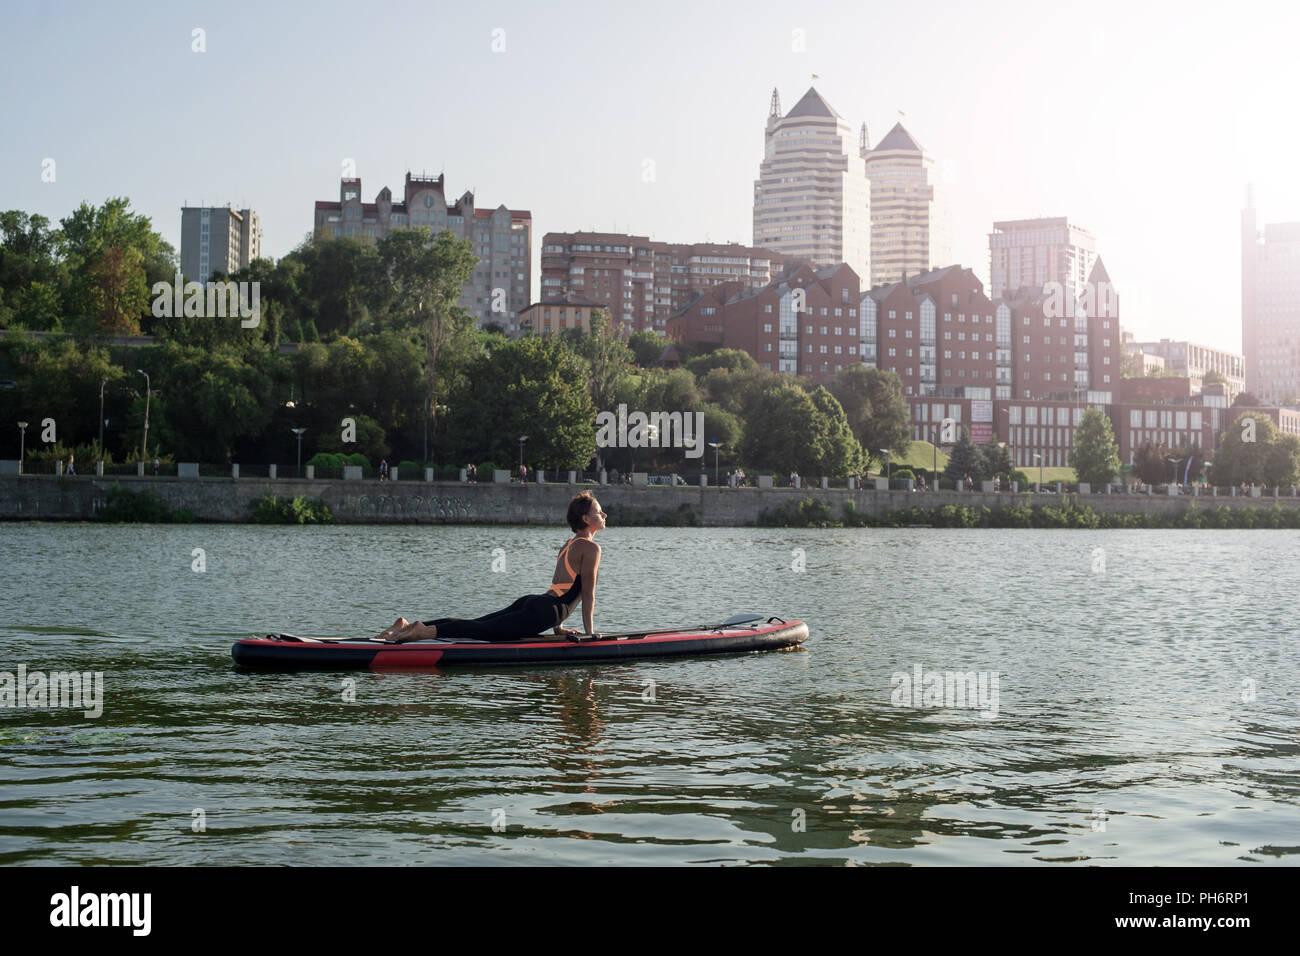 Yoga sur le sup, silhouette de femme sur la plage Photo Stock